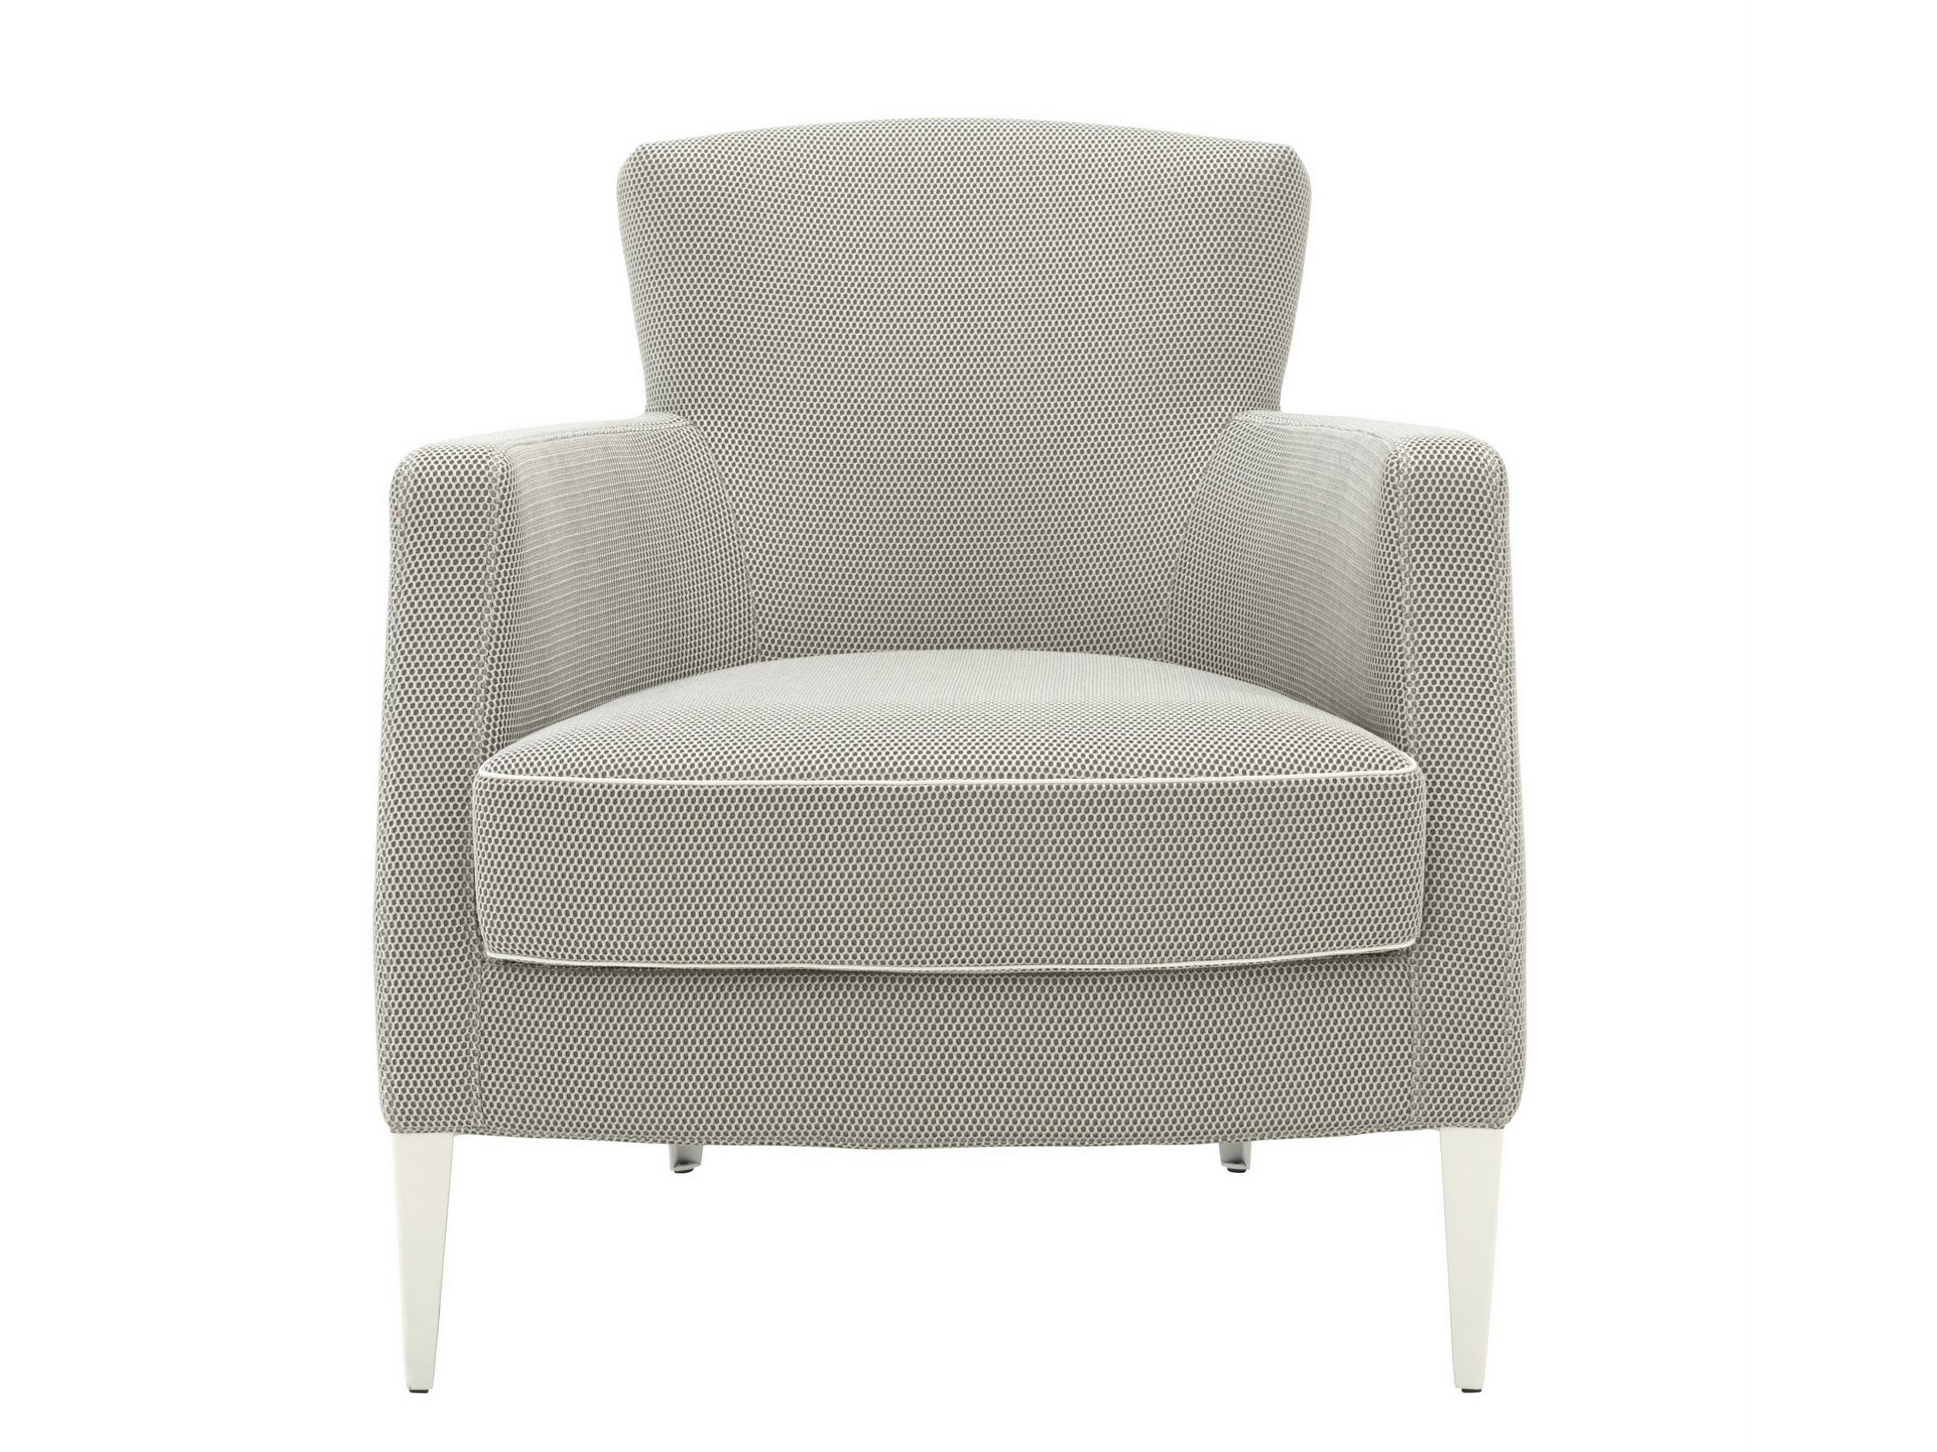 bergere gepolsterter sessel aus stoff mit armlehnen vinta. Black Bedroom Furniture Sets. Home Design Ideas